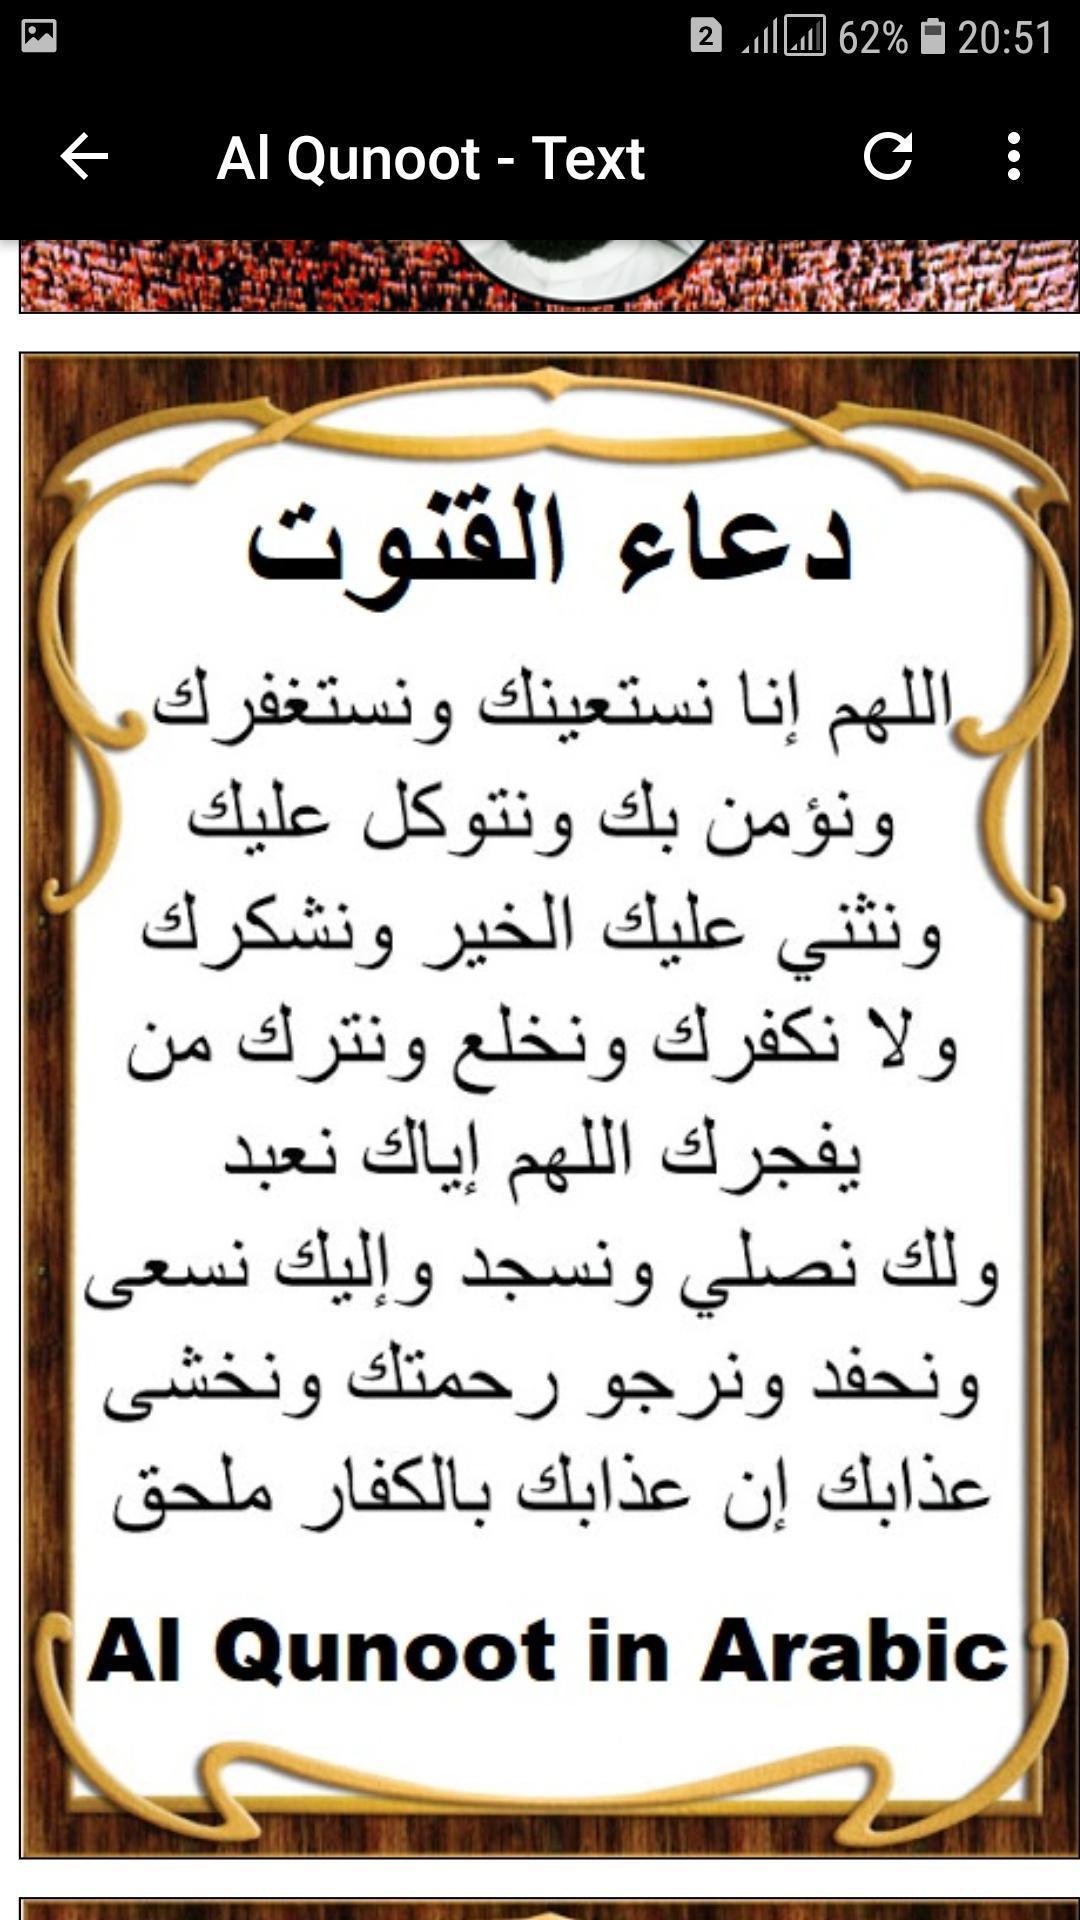 صورة دعاء القنوت, يجب على كل مسلم ان يقول هذا الدعاء 2186